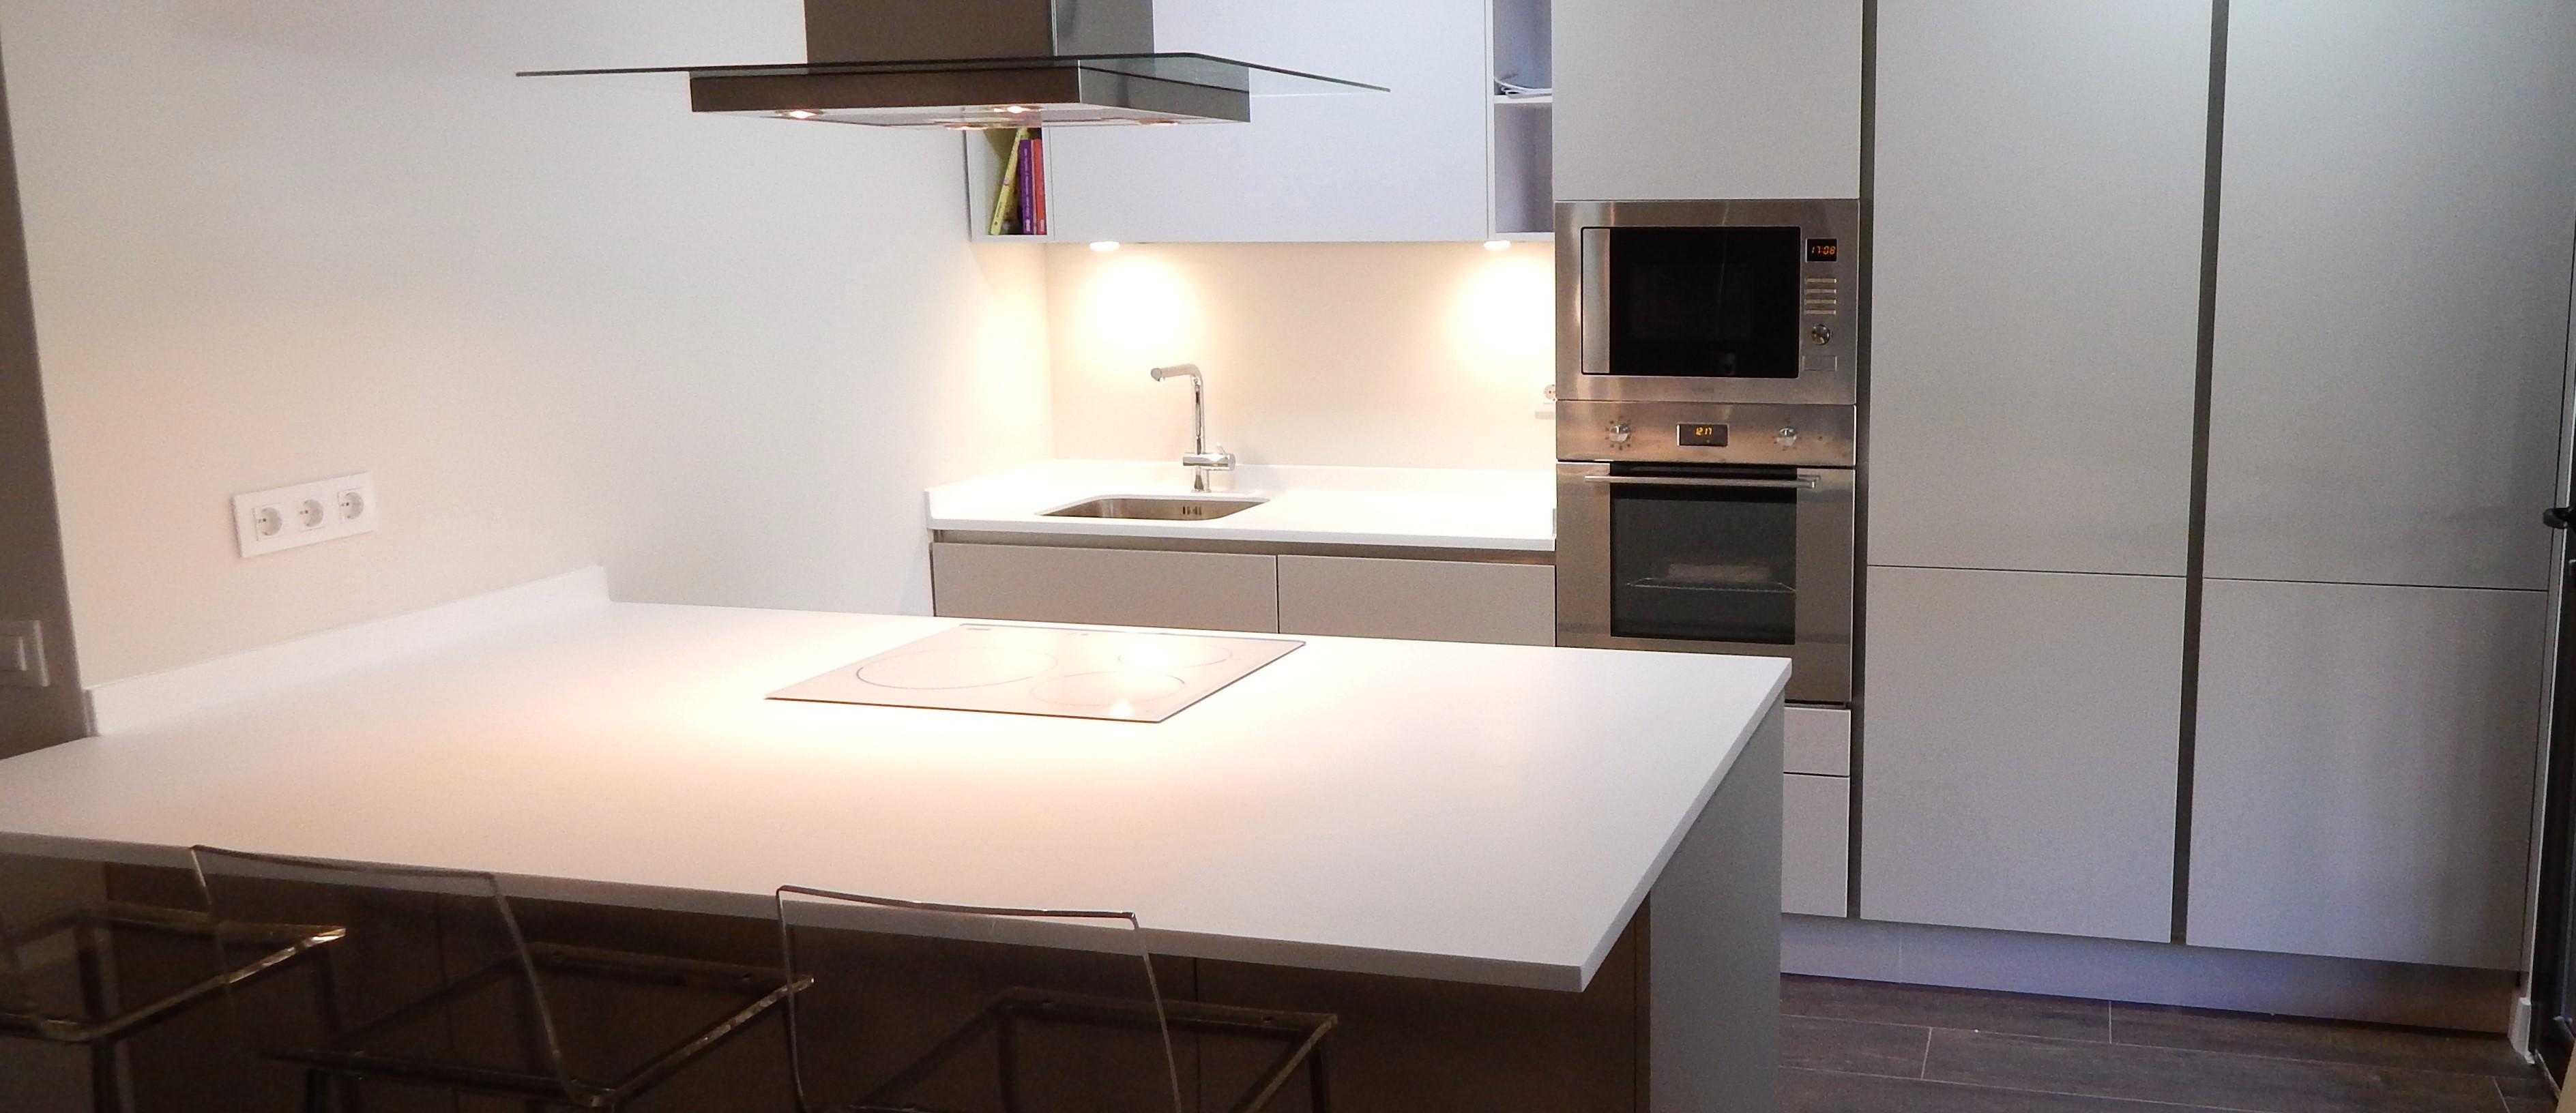 Muebles de cocina en cachemir y blanco for Muebles de cocina blancos